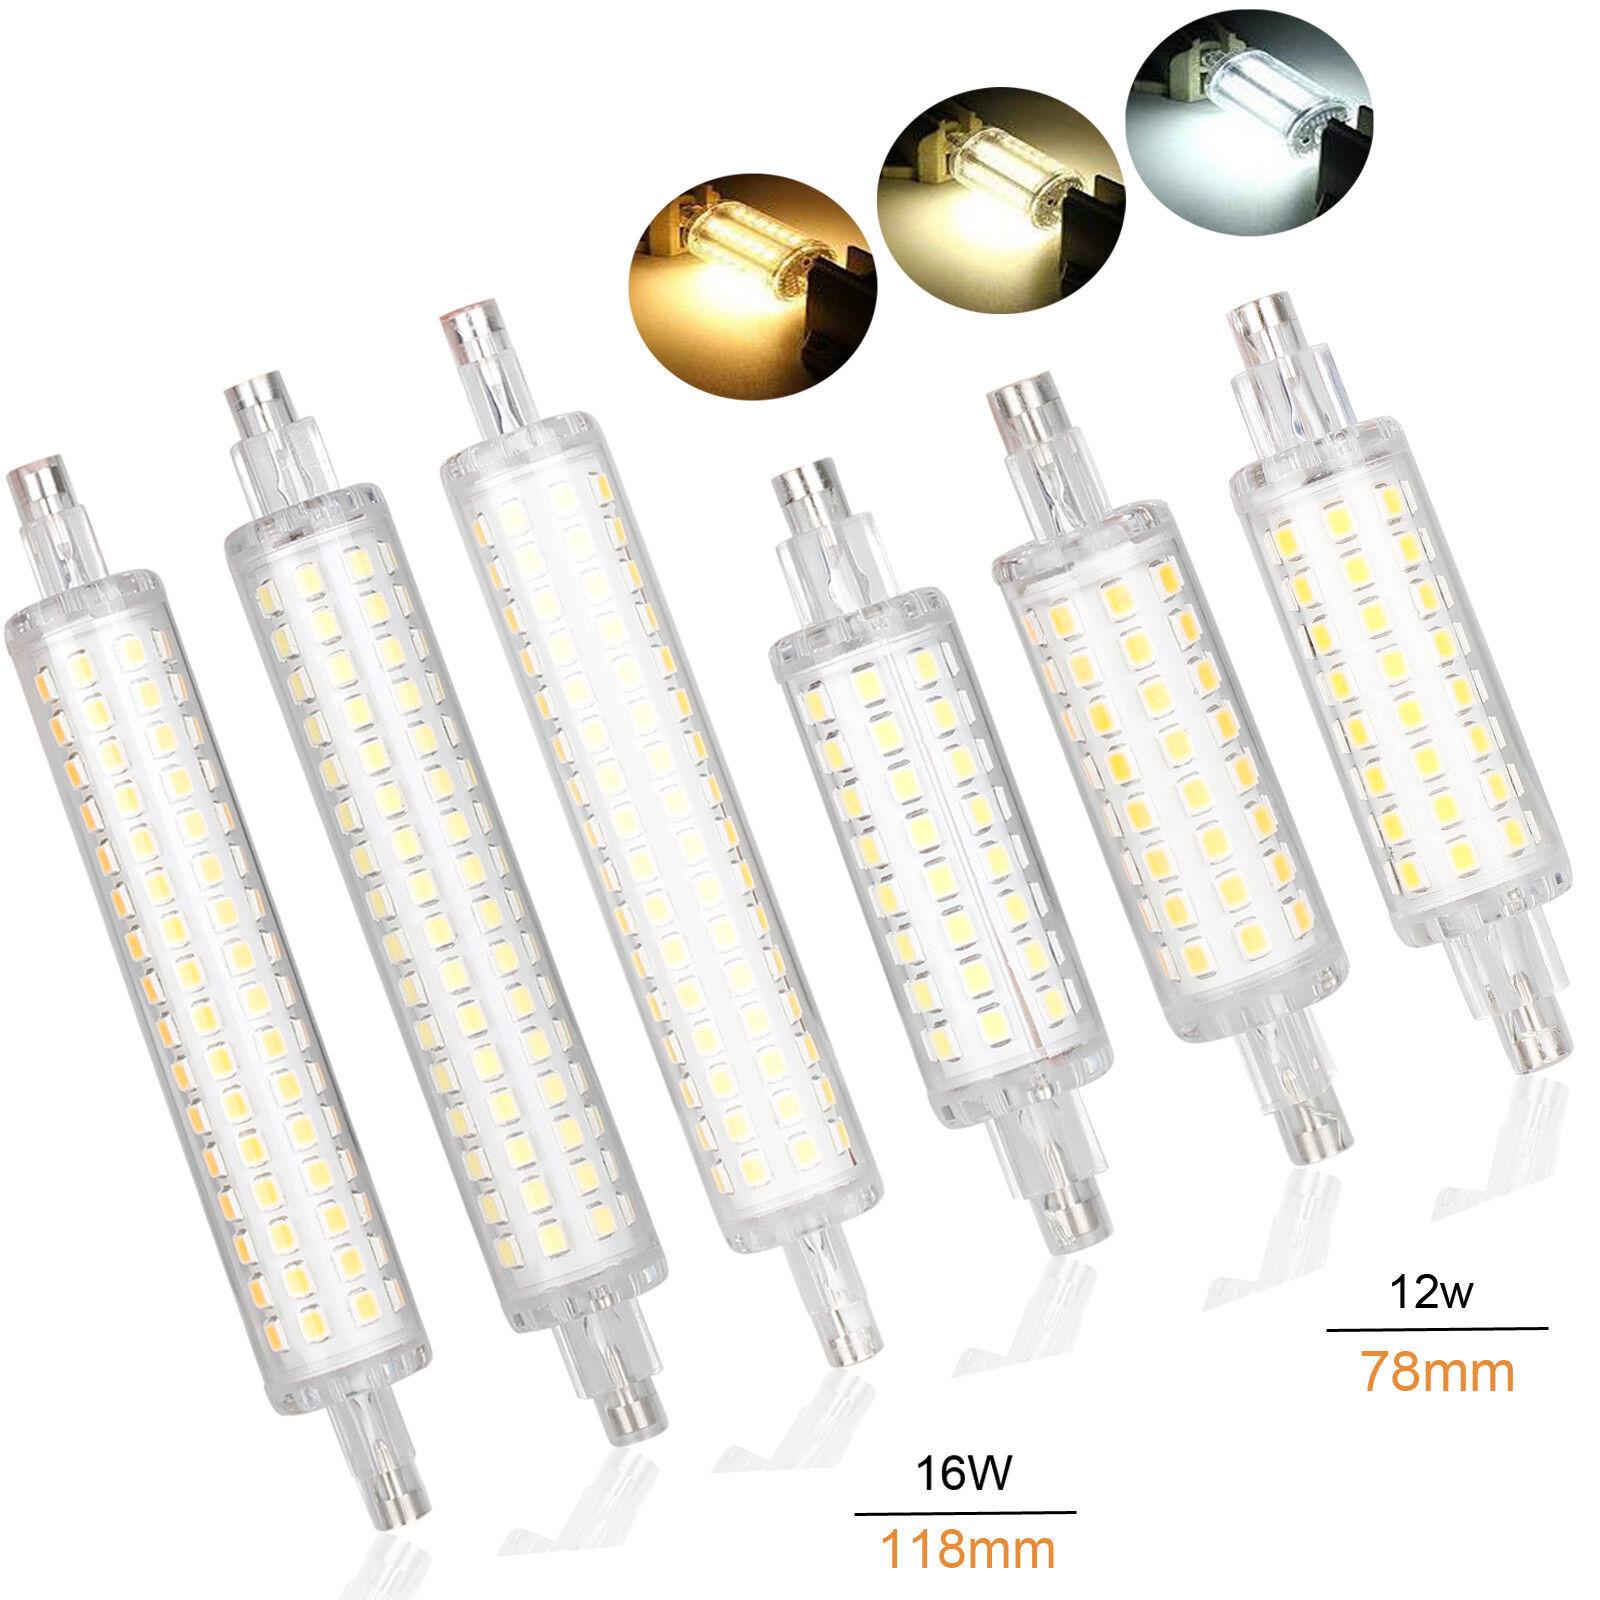 Bombillas LED R7S luz de inundación 78mm 118mm 12W 16W 2835 SMD lámparas halógenas de reemplazo